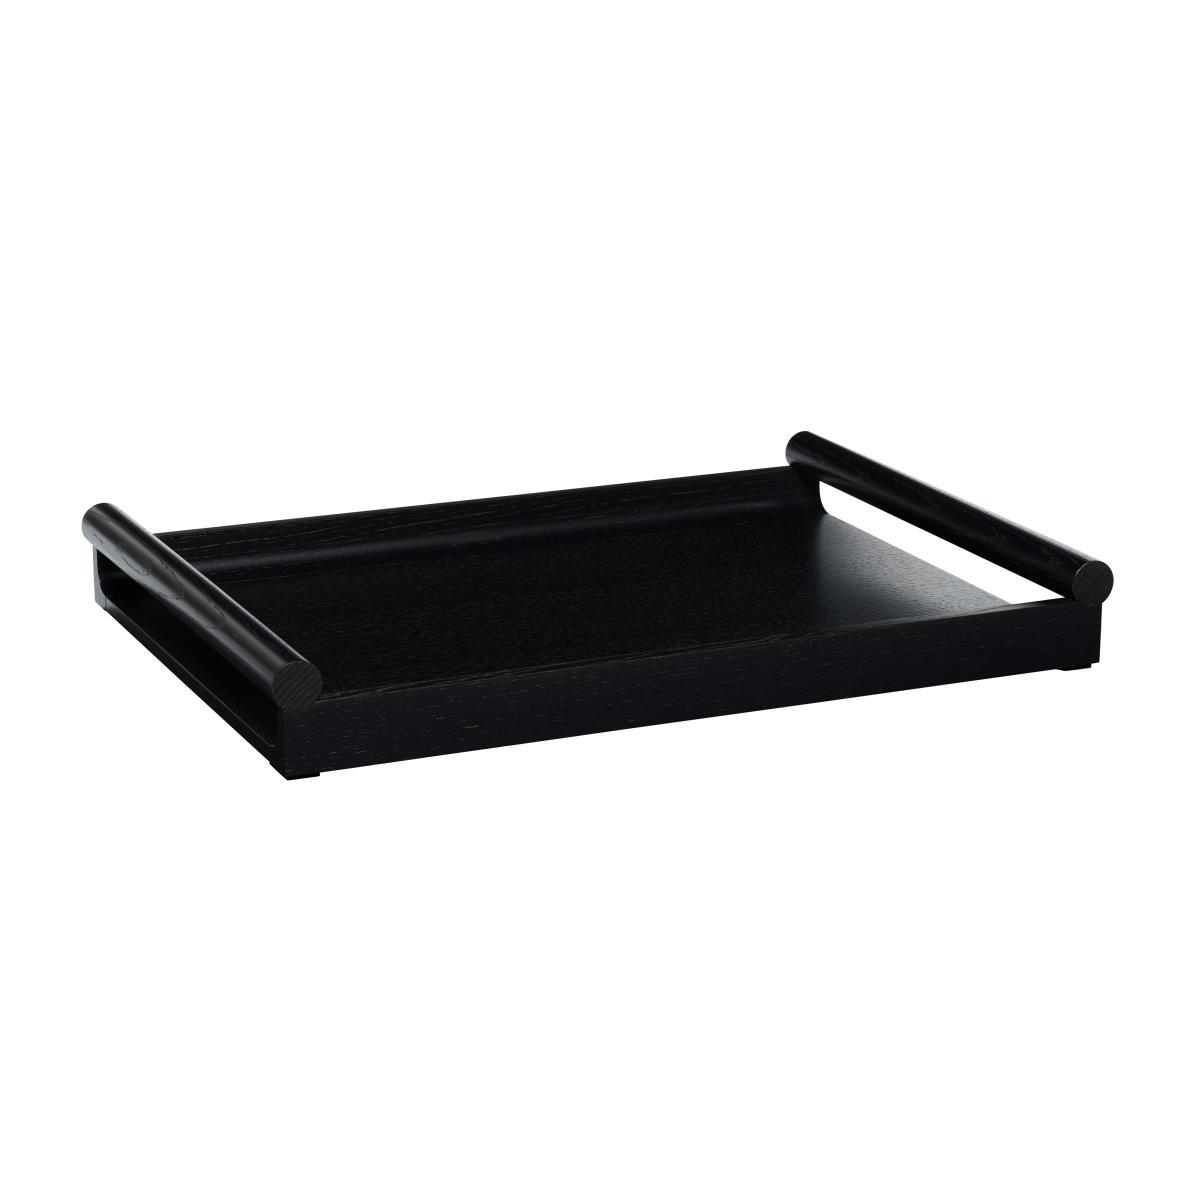 OLEH Tablett groß black (46)